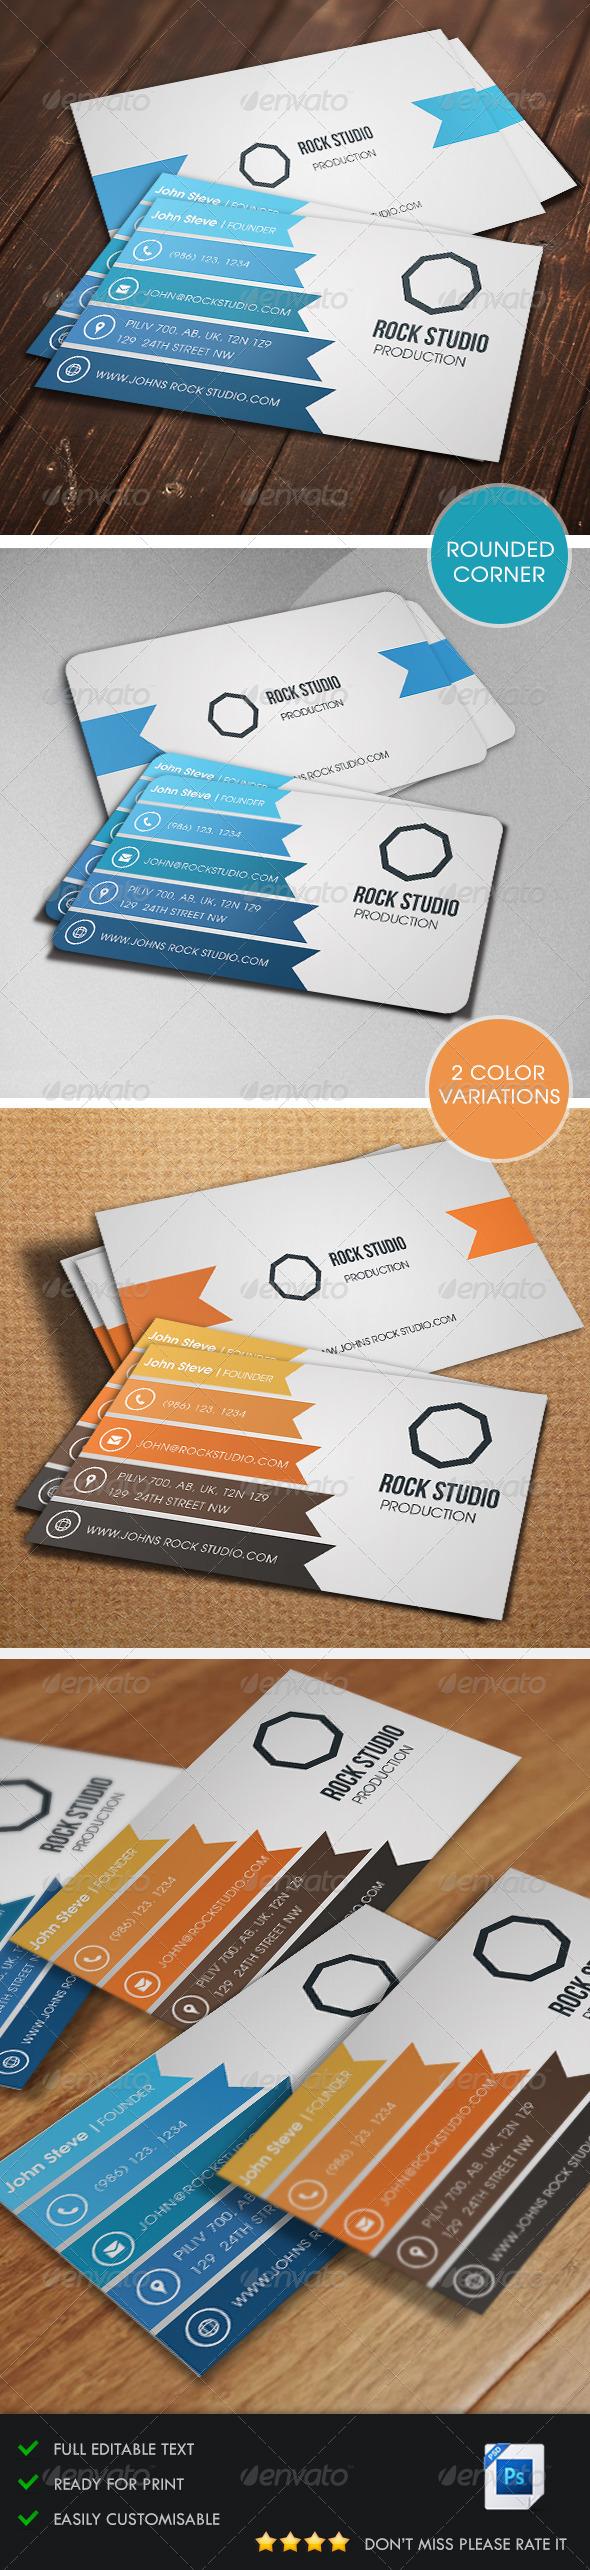 GraphicRiver Creative Business Card v2 5486397